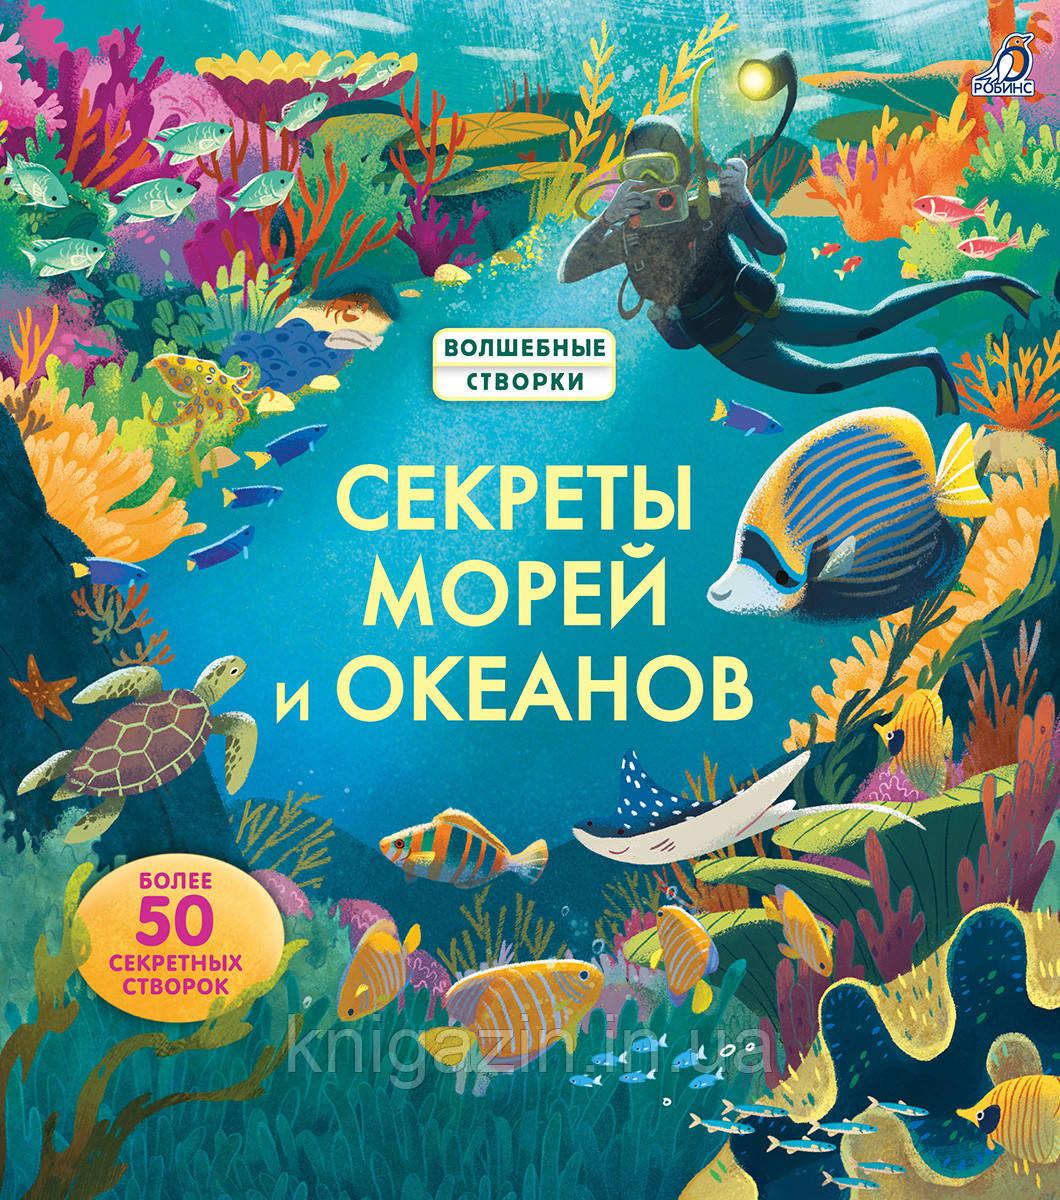 Детская книга Волшебные створки Секреты морей и океанов Для детей от 3 лет